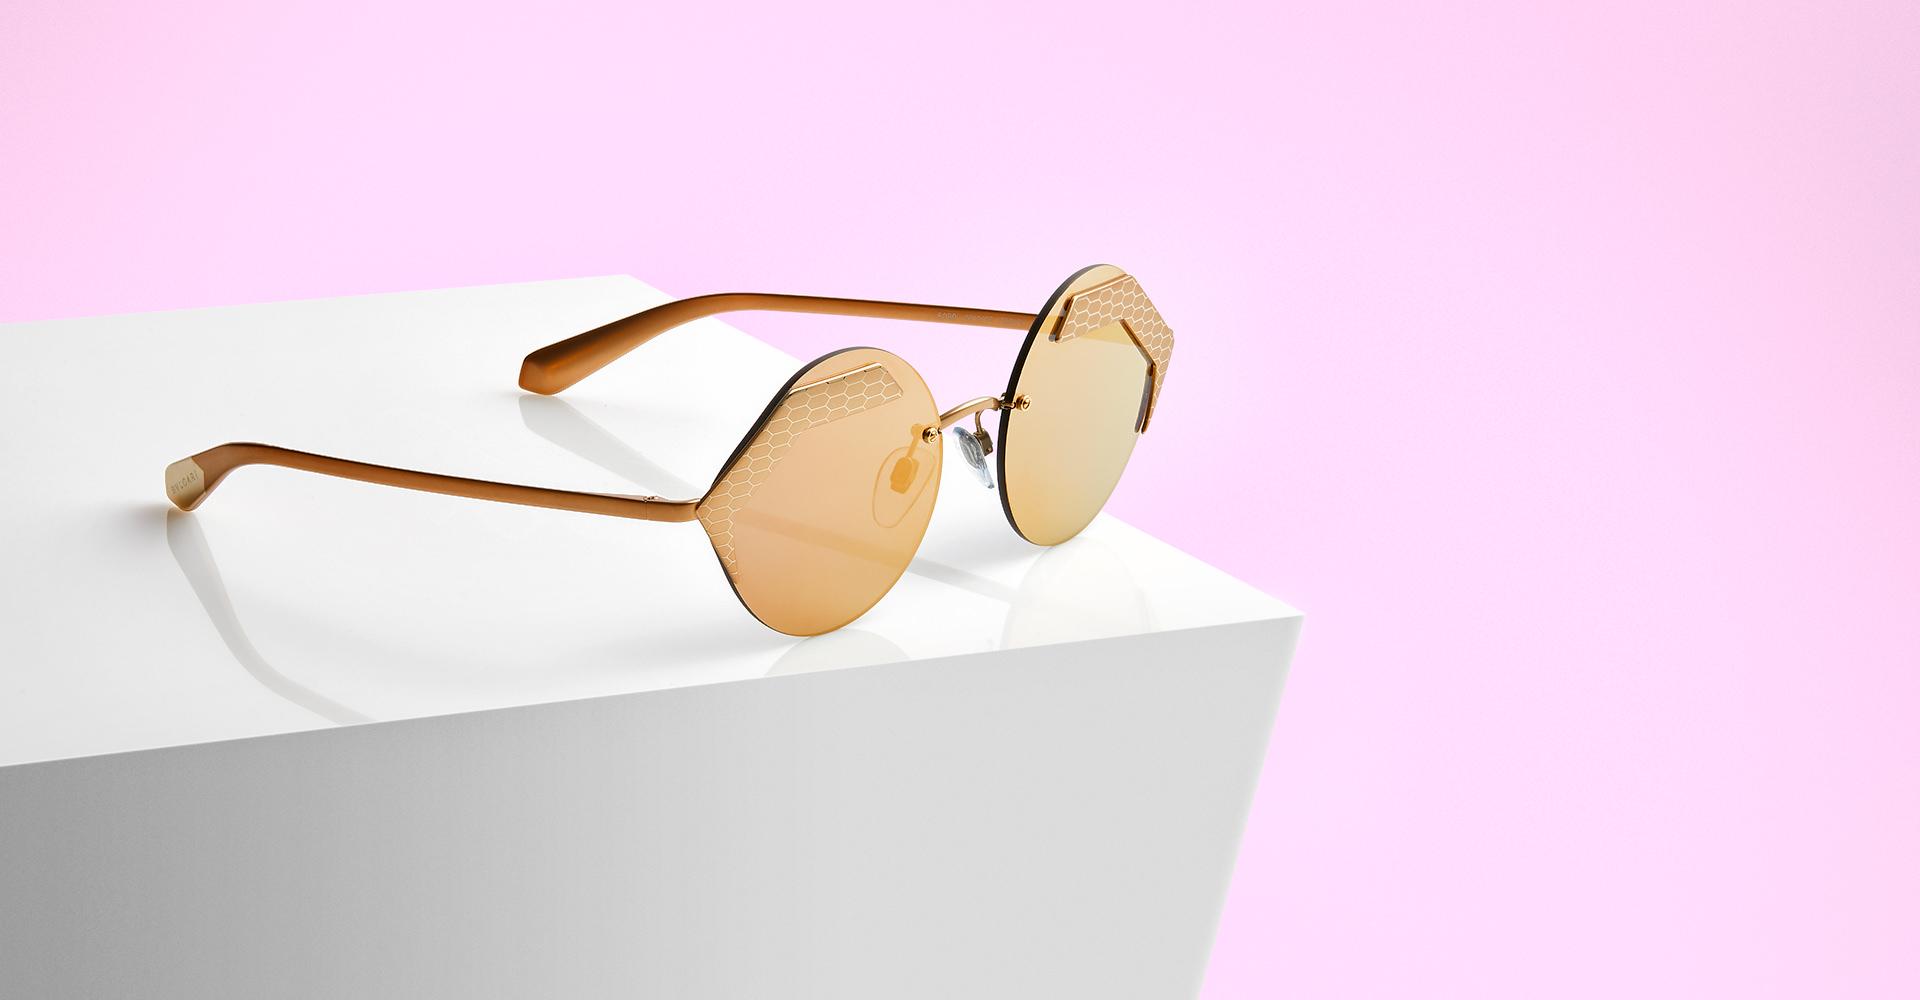 Bulgari occhiali da sole sun glasses carbon fiber